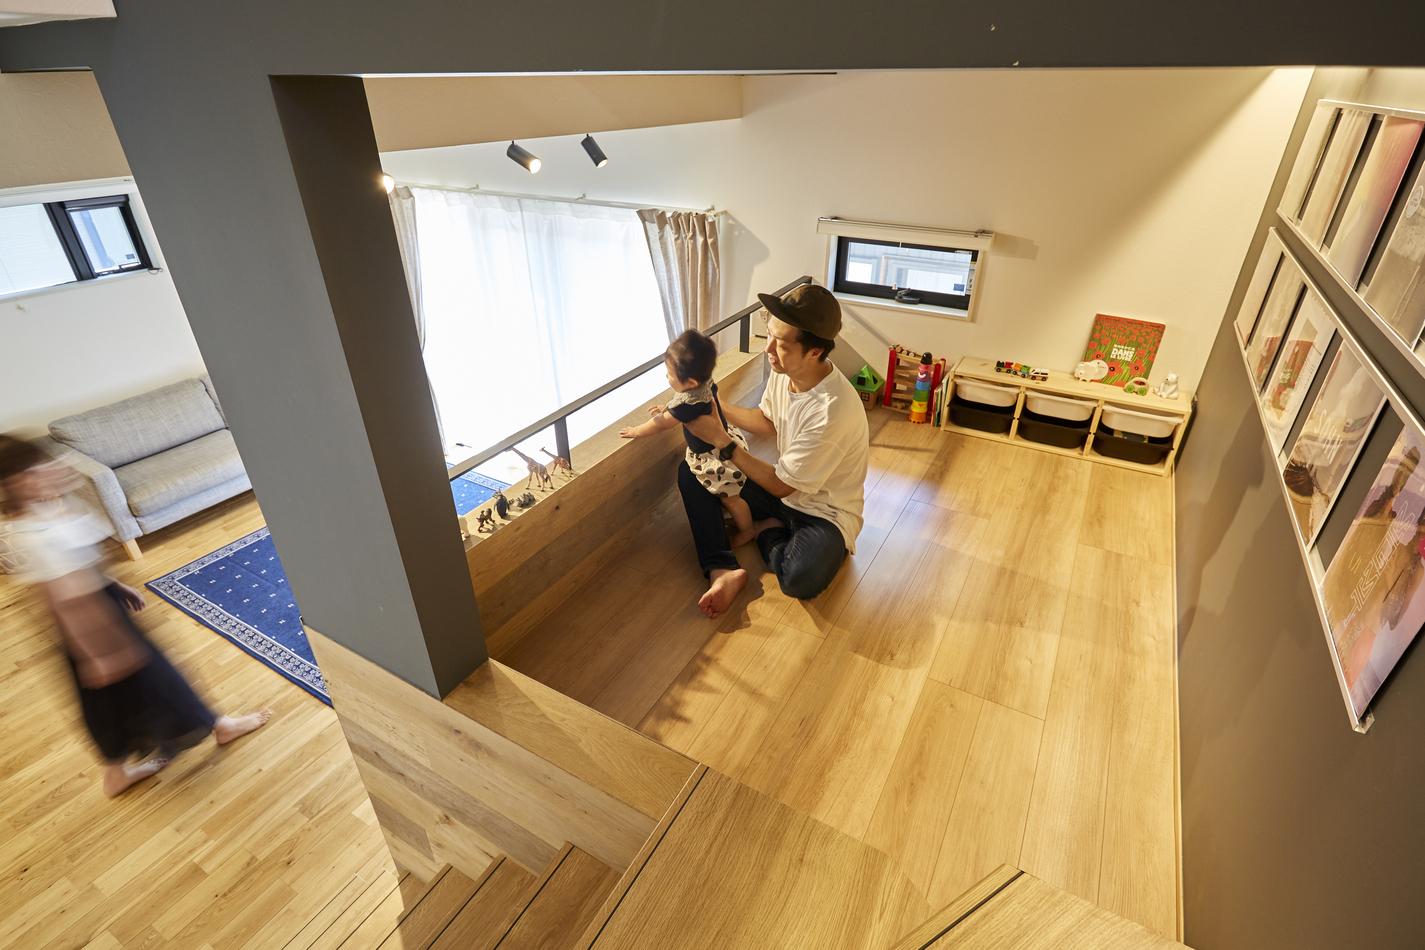 中二階部分はお子様の遊び場として、大人の趣味スペースとしも活用できる